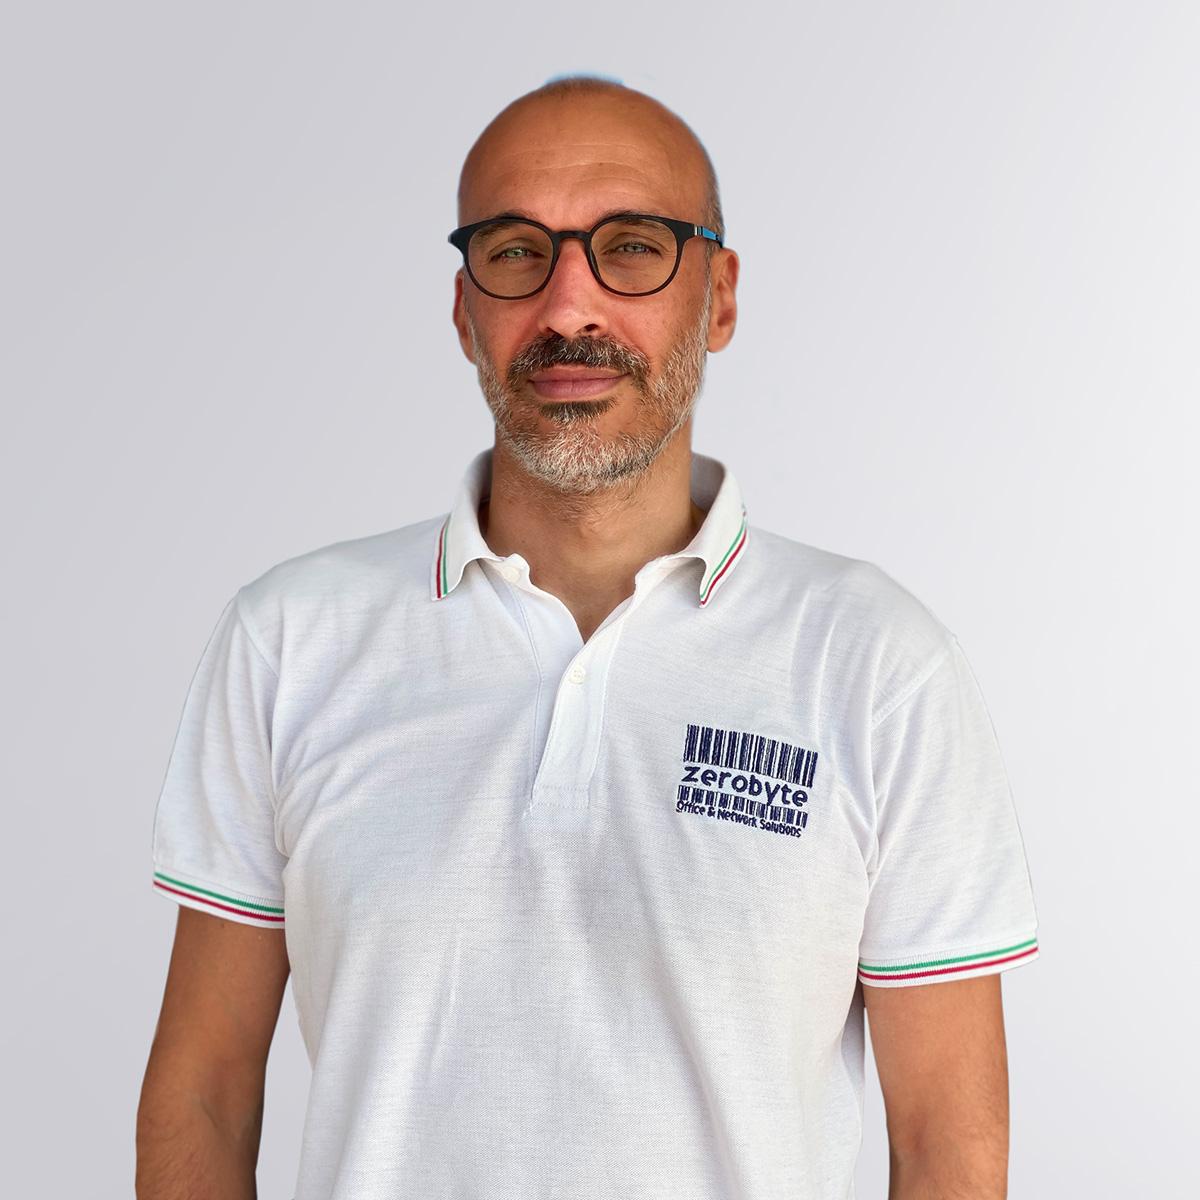 Zerobyte Paolo